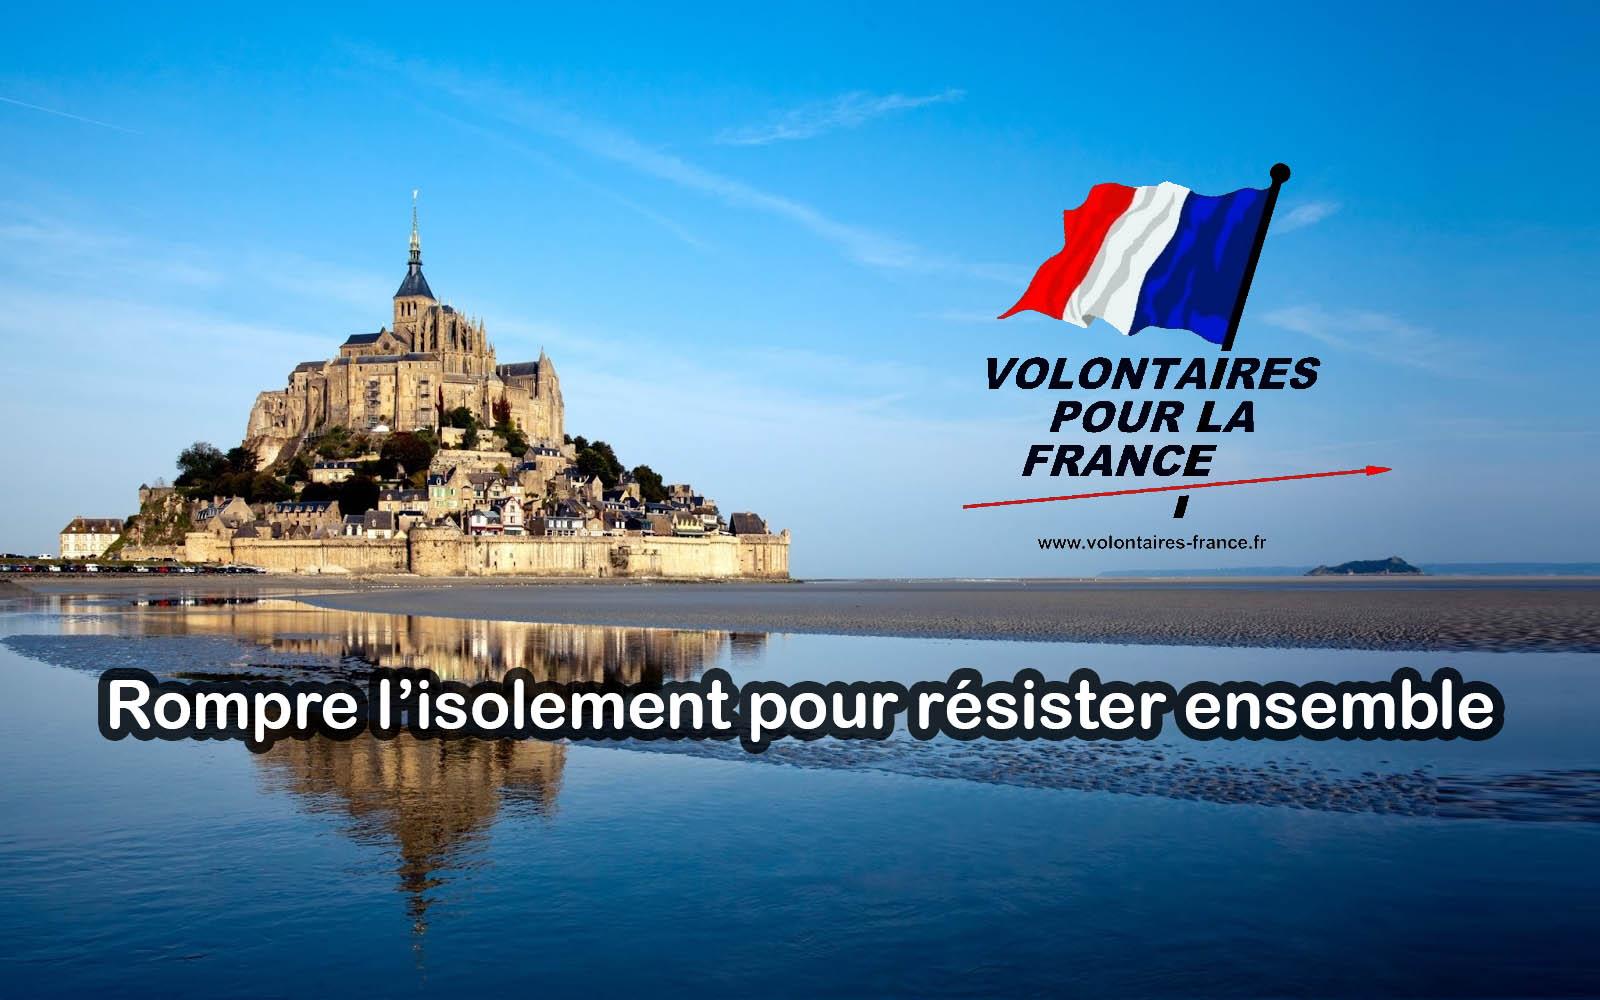 Intervention de l'abbé Pagès au séminaire de formation des Volontaires pour la France, Bourges, le 9 juin 2018